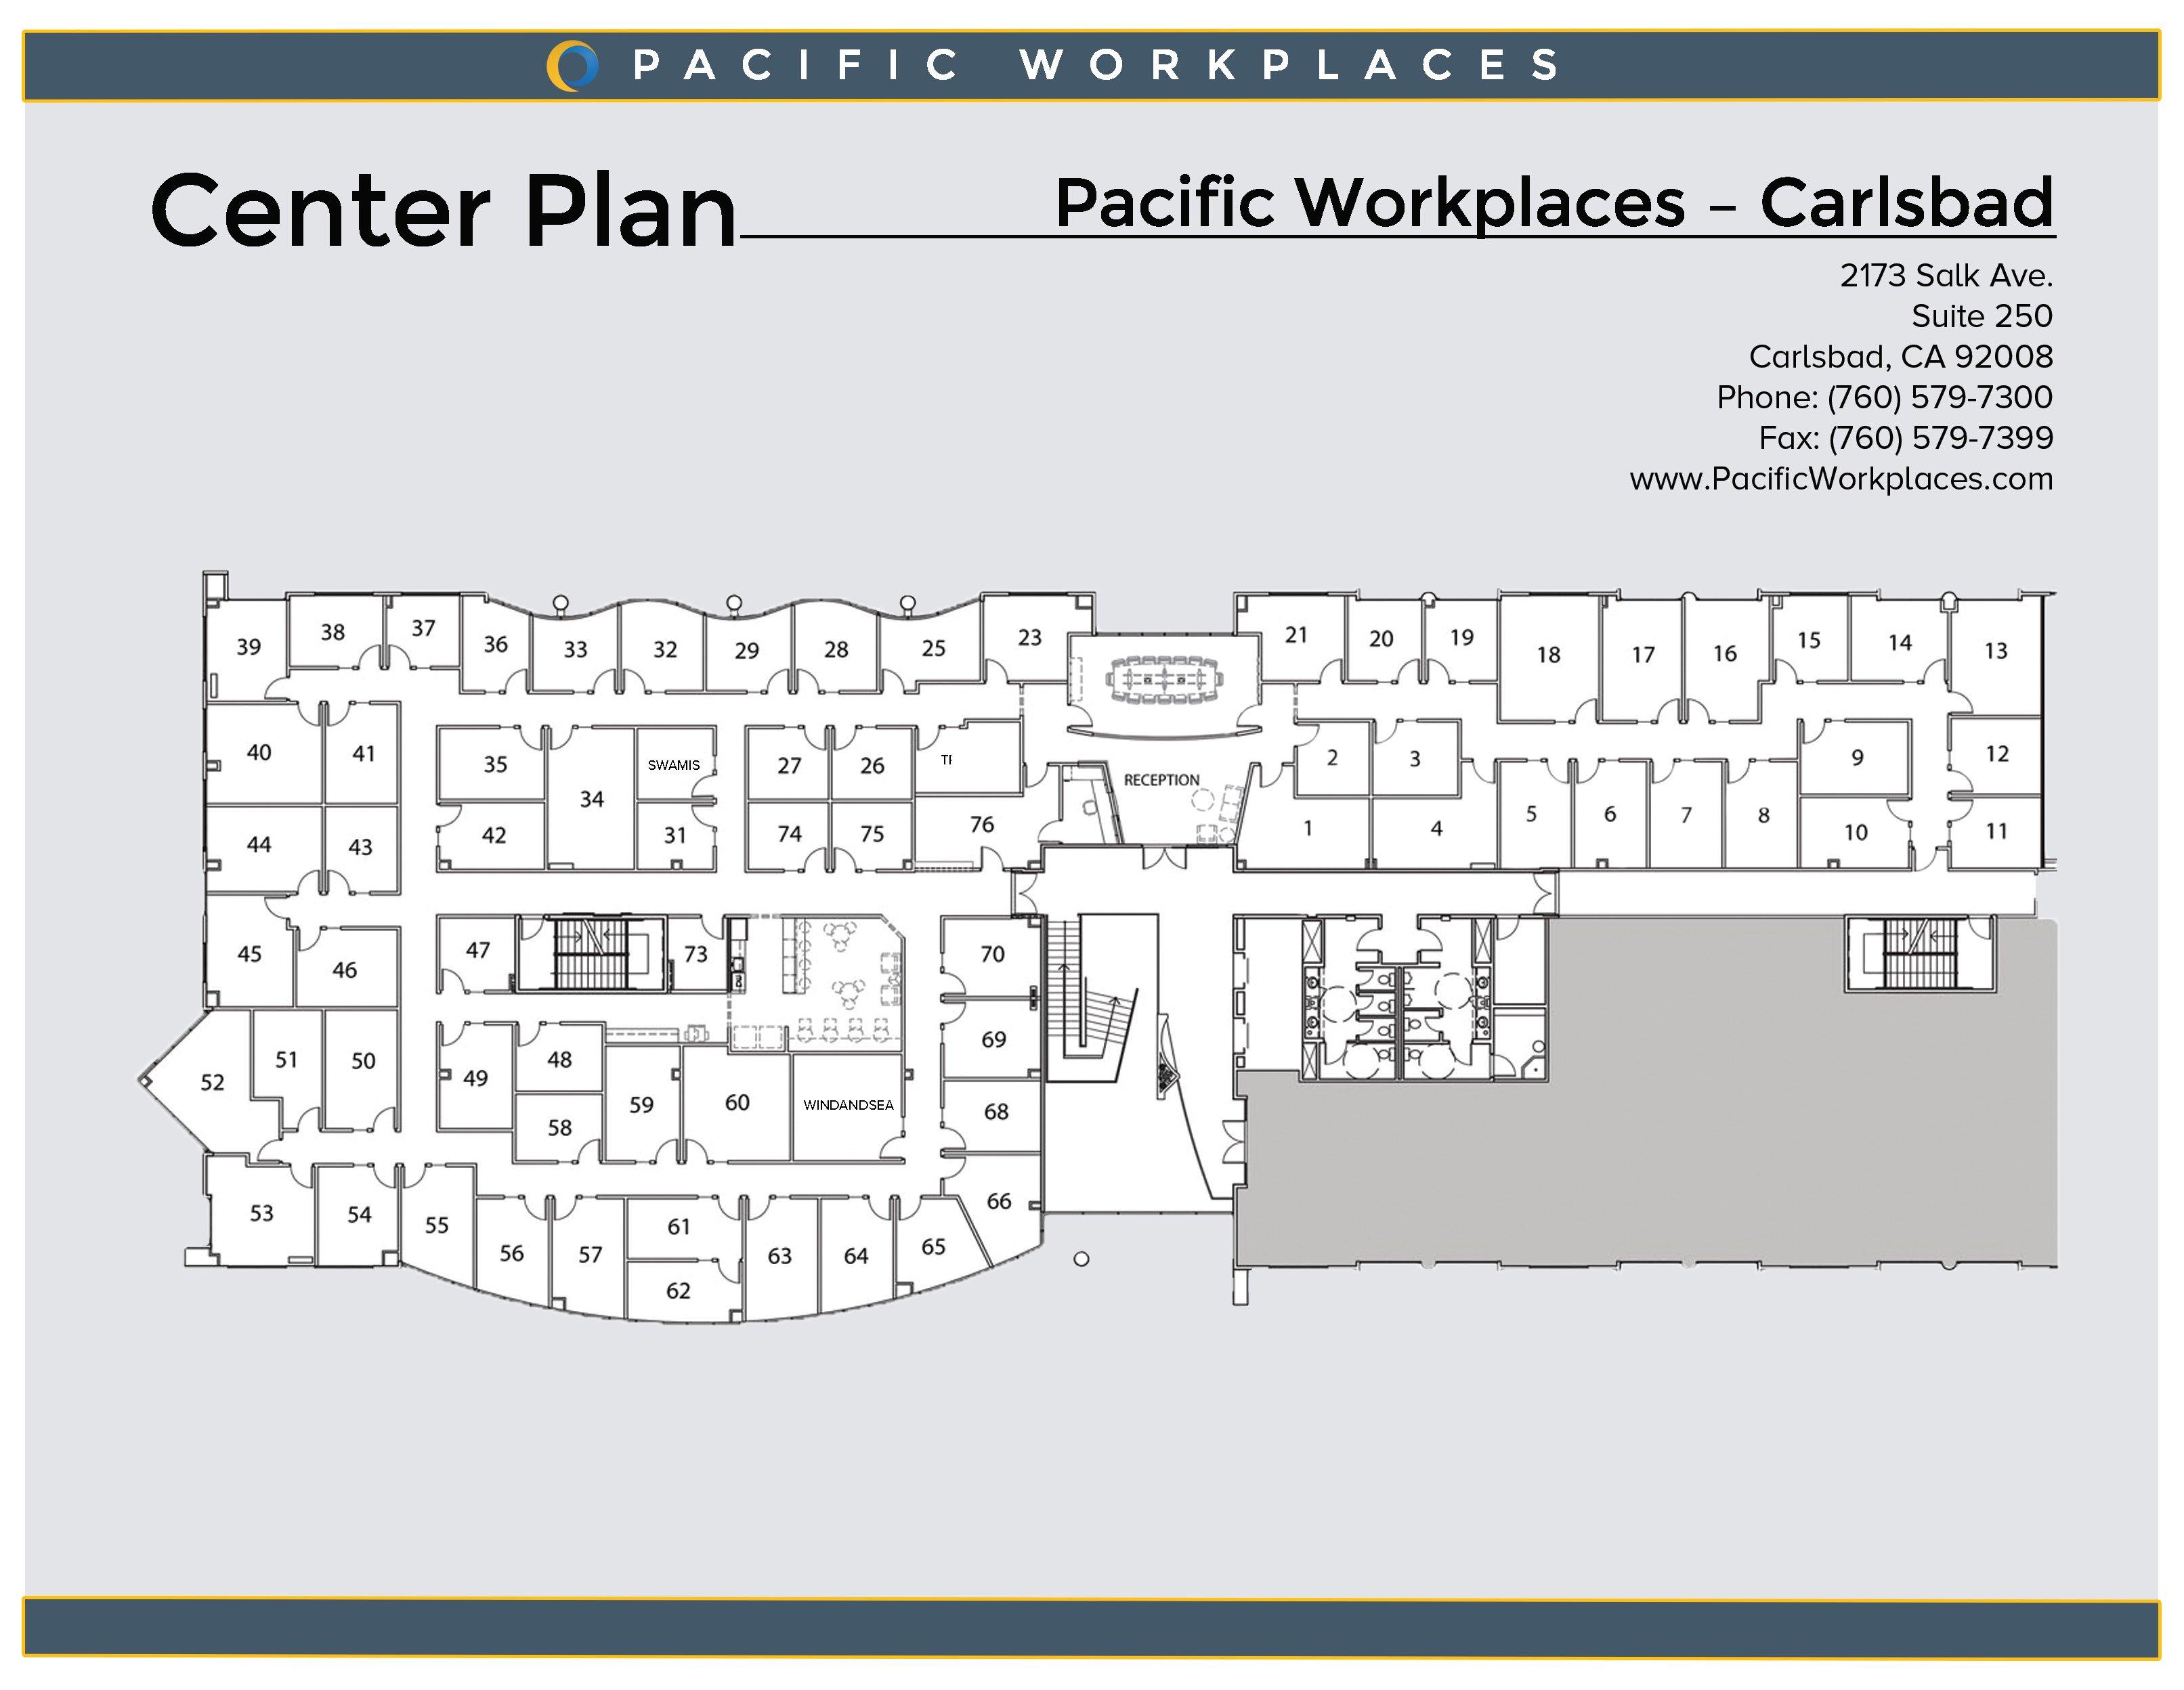 Pacific Workplaces Carlsbad Floor Plan